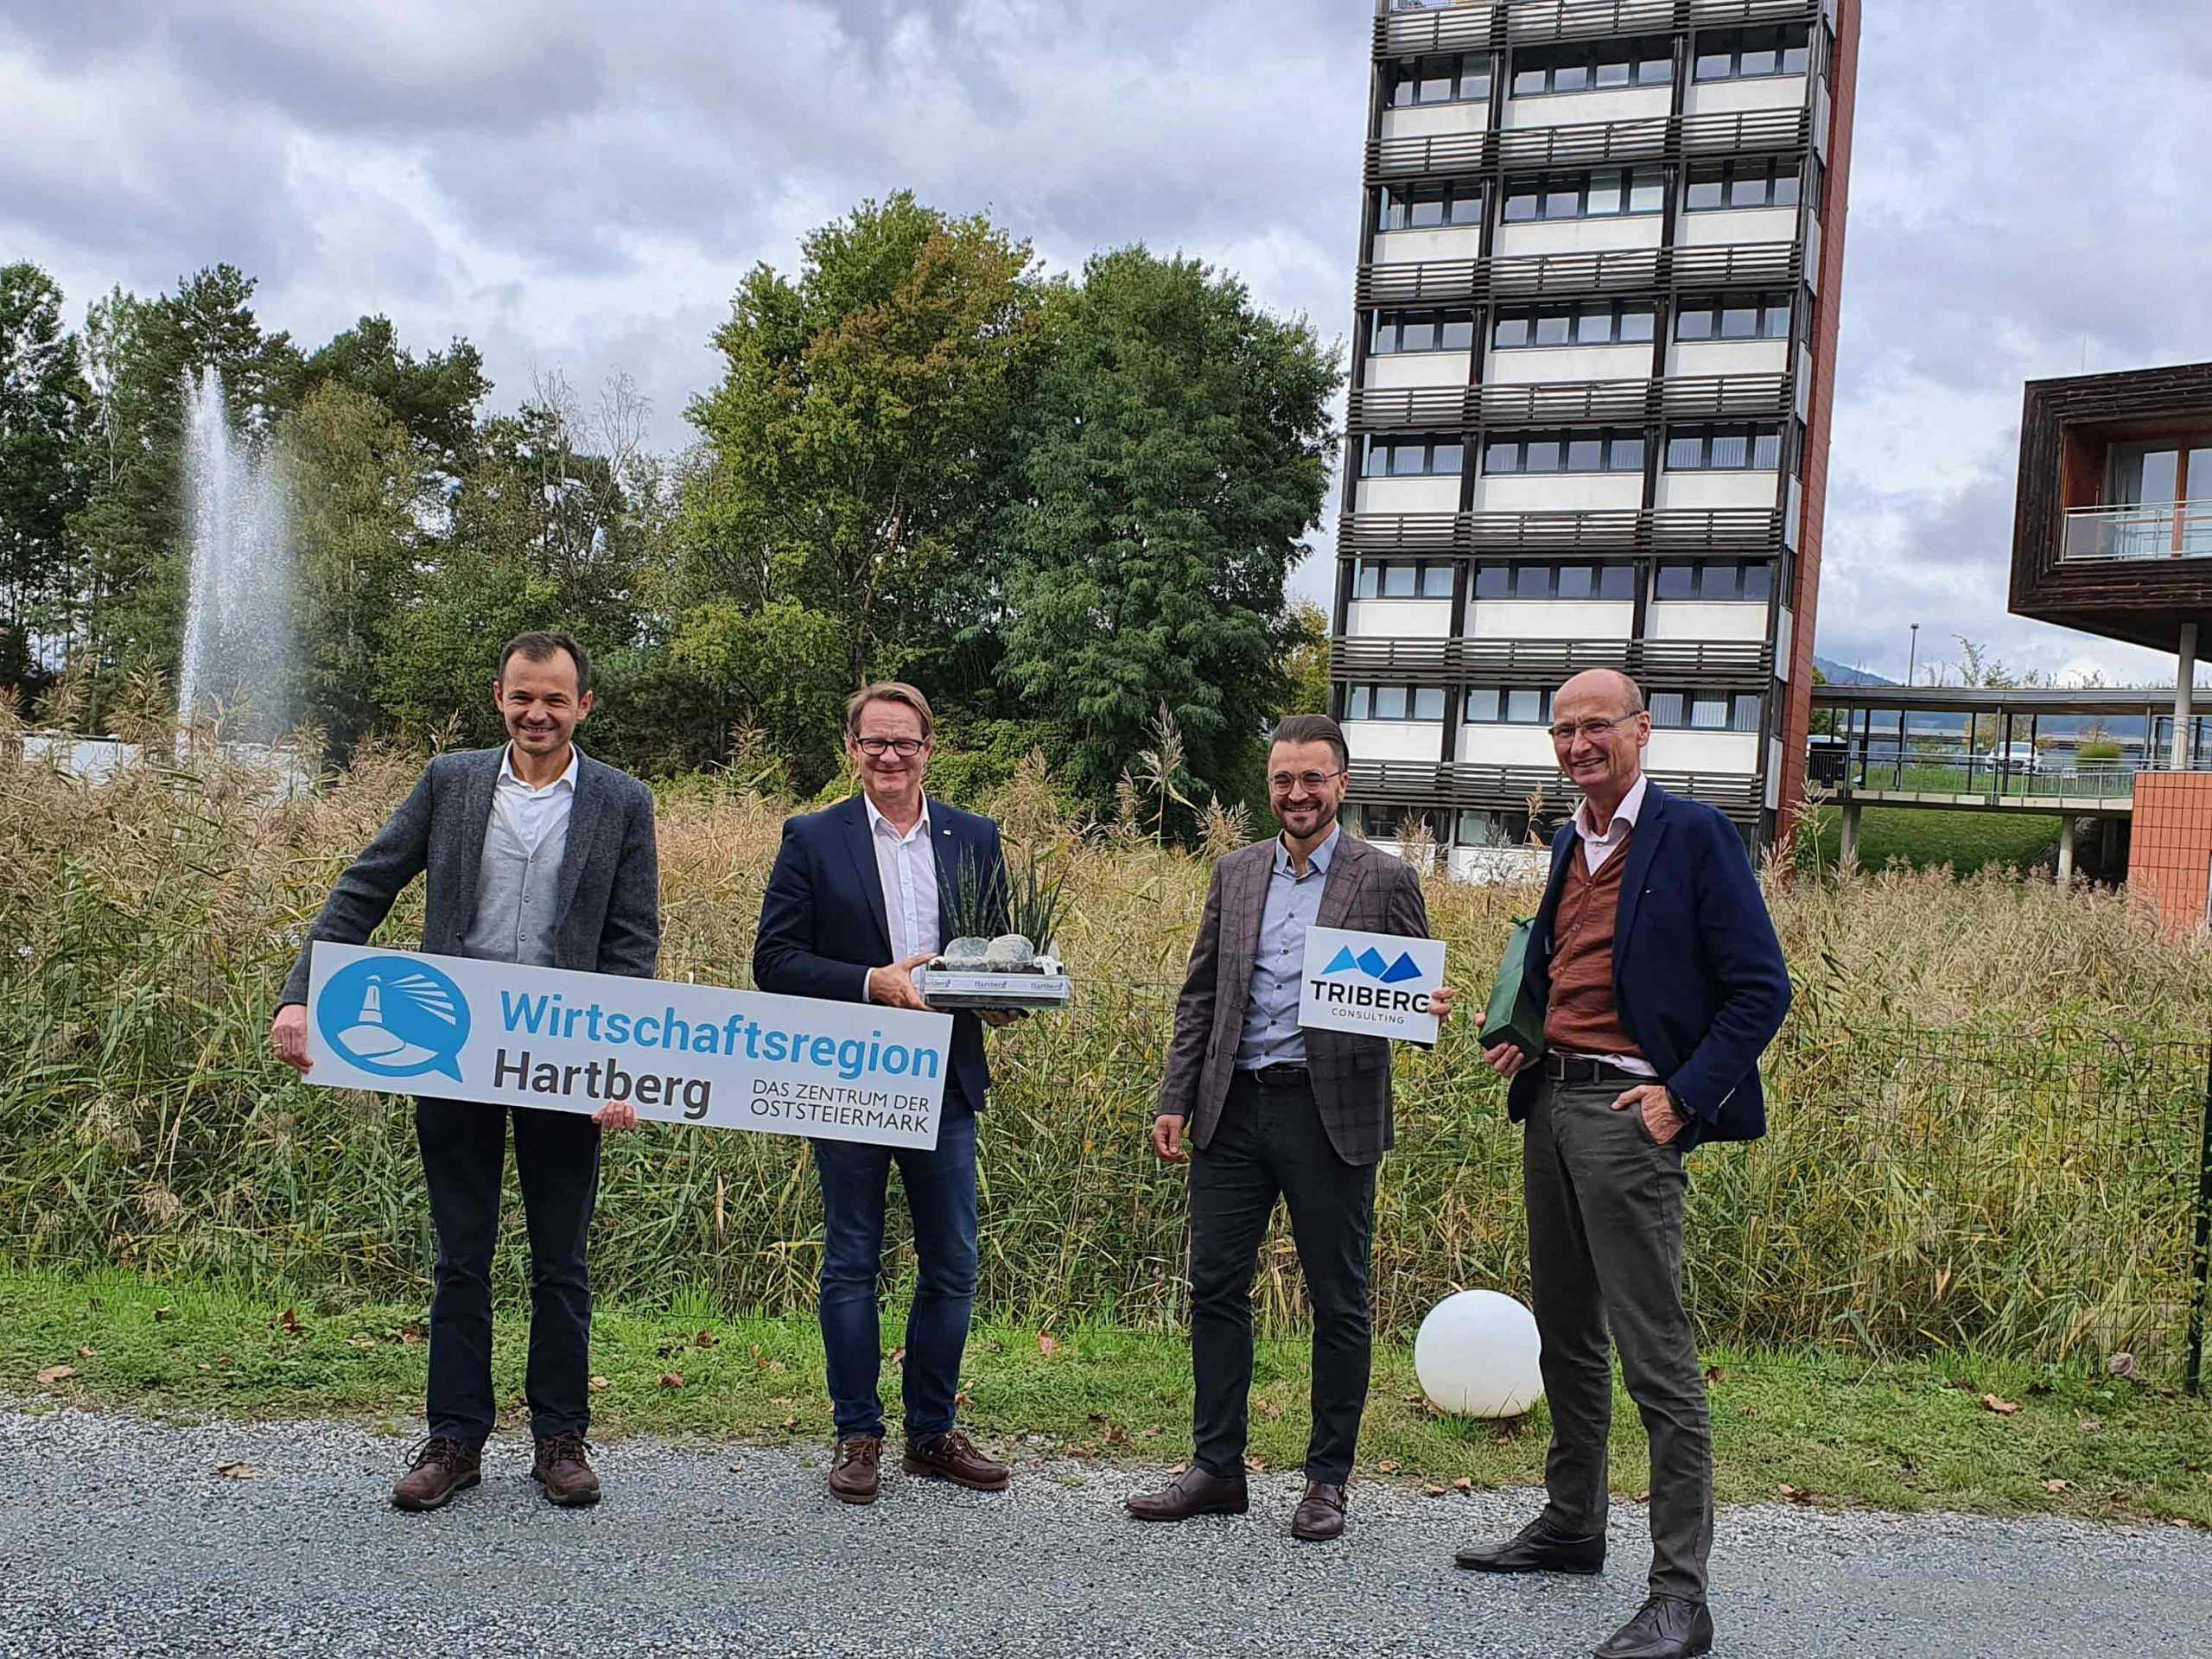 Triberg Consulting Willkommen Wirtschaftsregion Hartberg